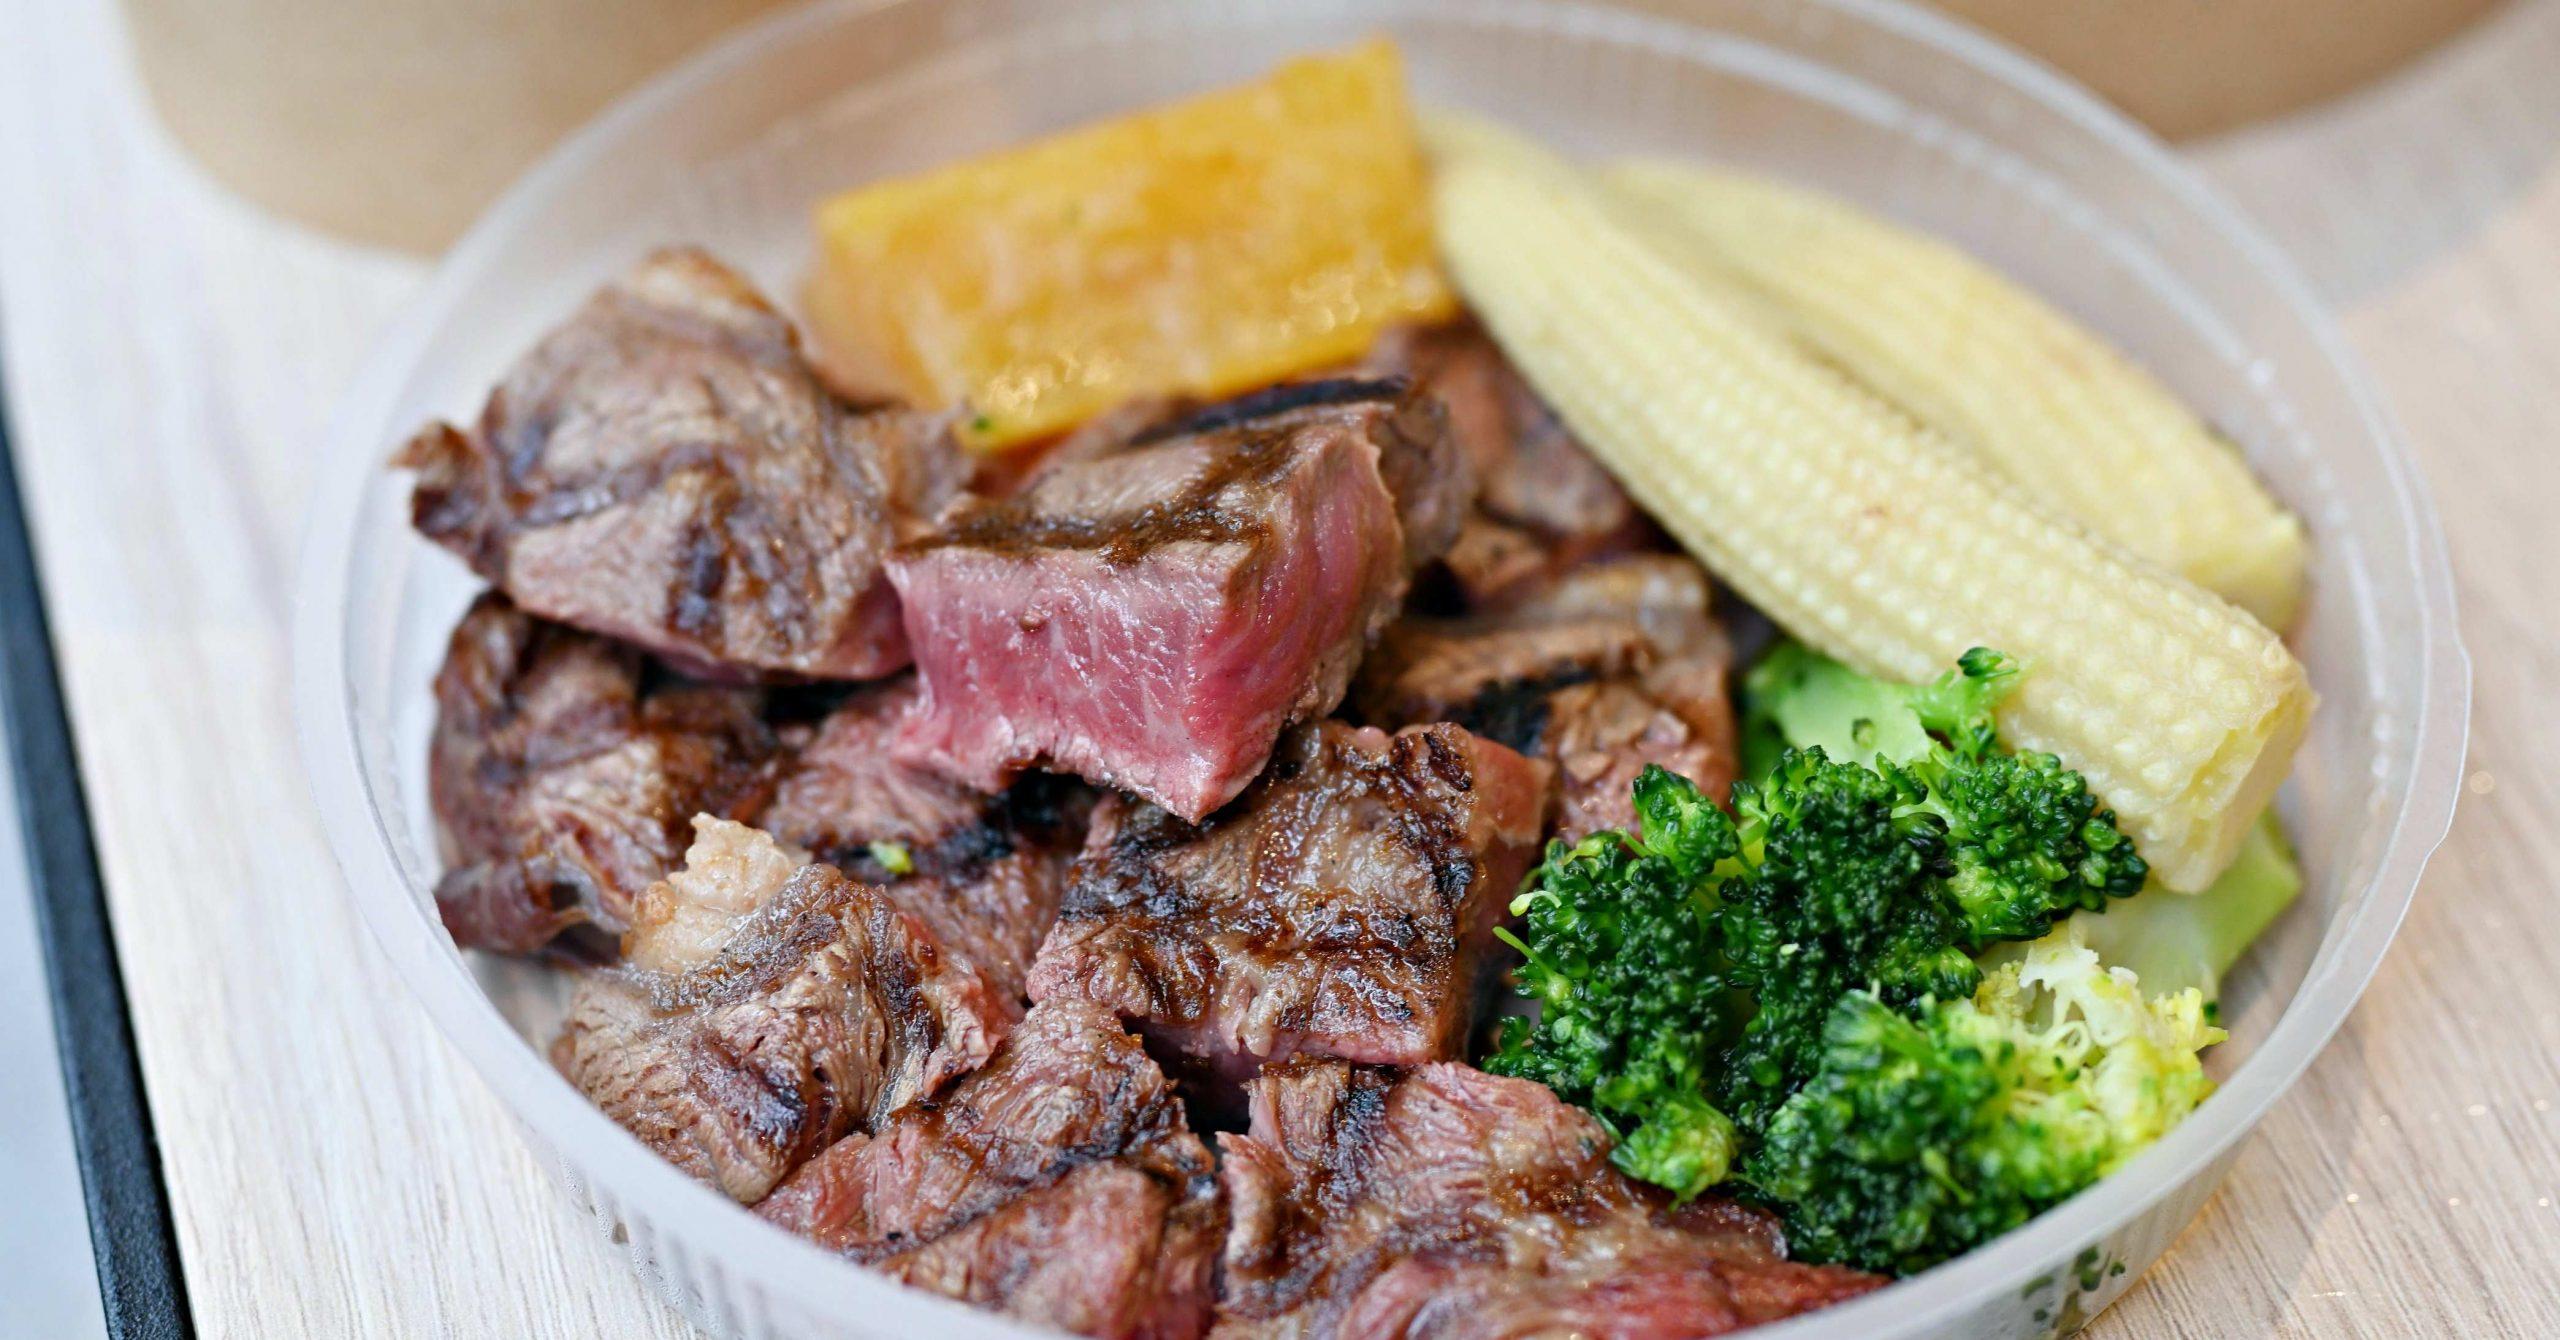 【南京復興美食】瀧厚炙燒熟成牛排,瀧厚防疫套餐外帶